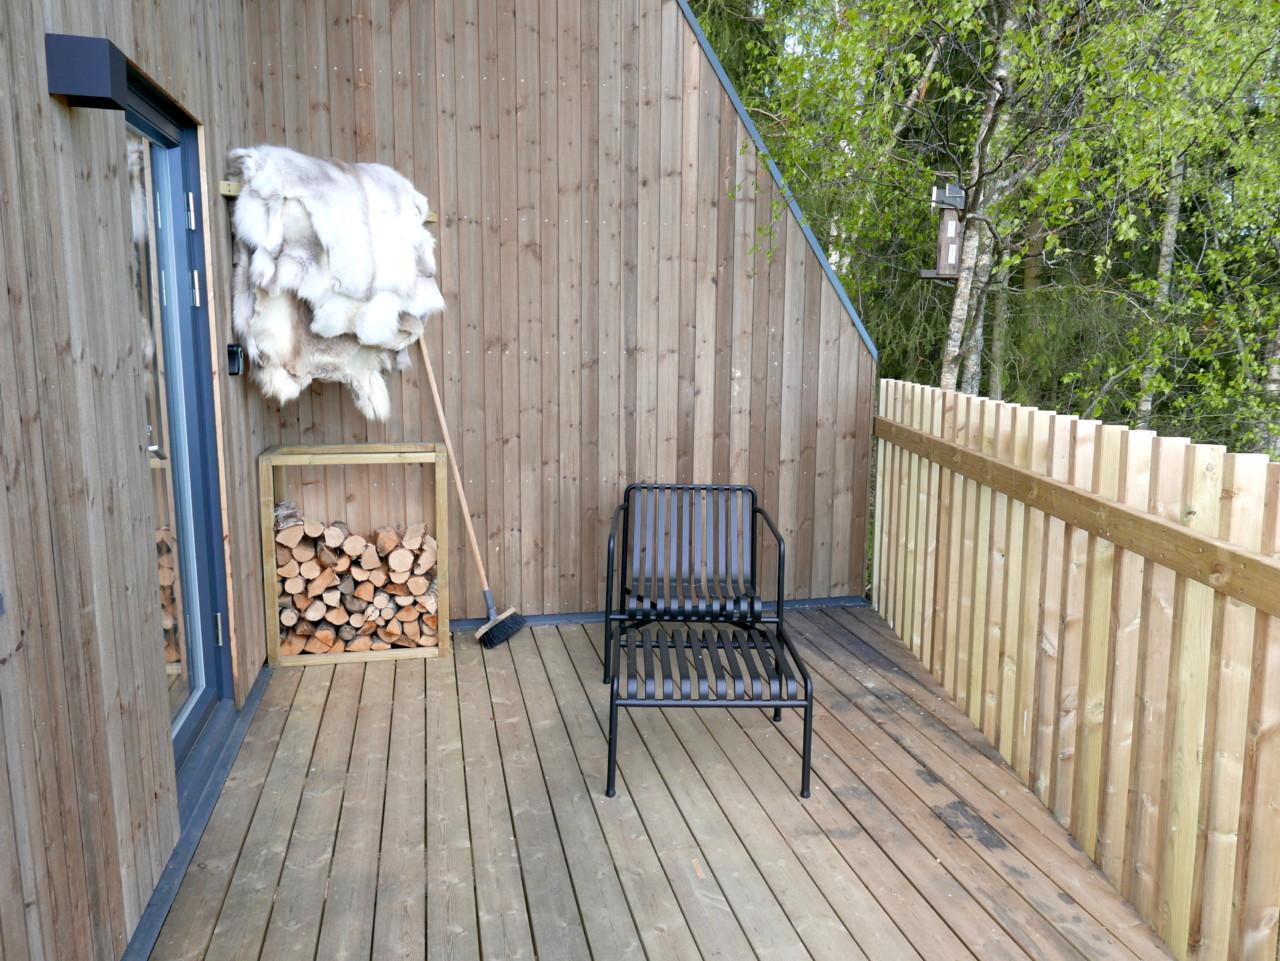 terrasse-toten-tretopphytte-reinsdyrskinn-green-house